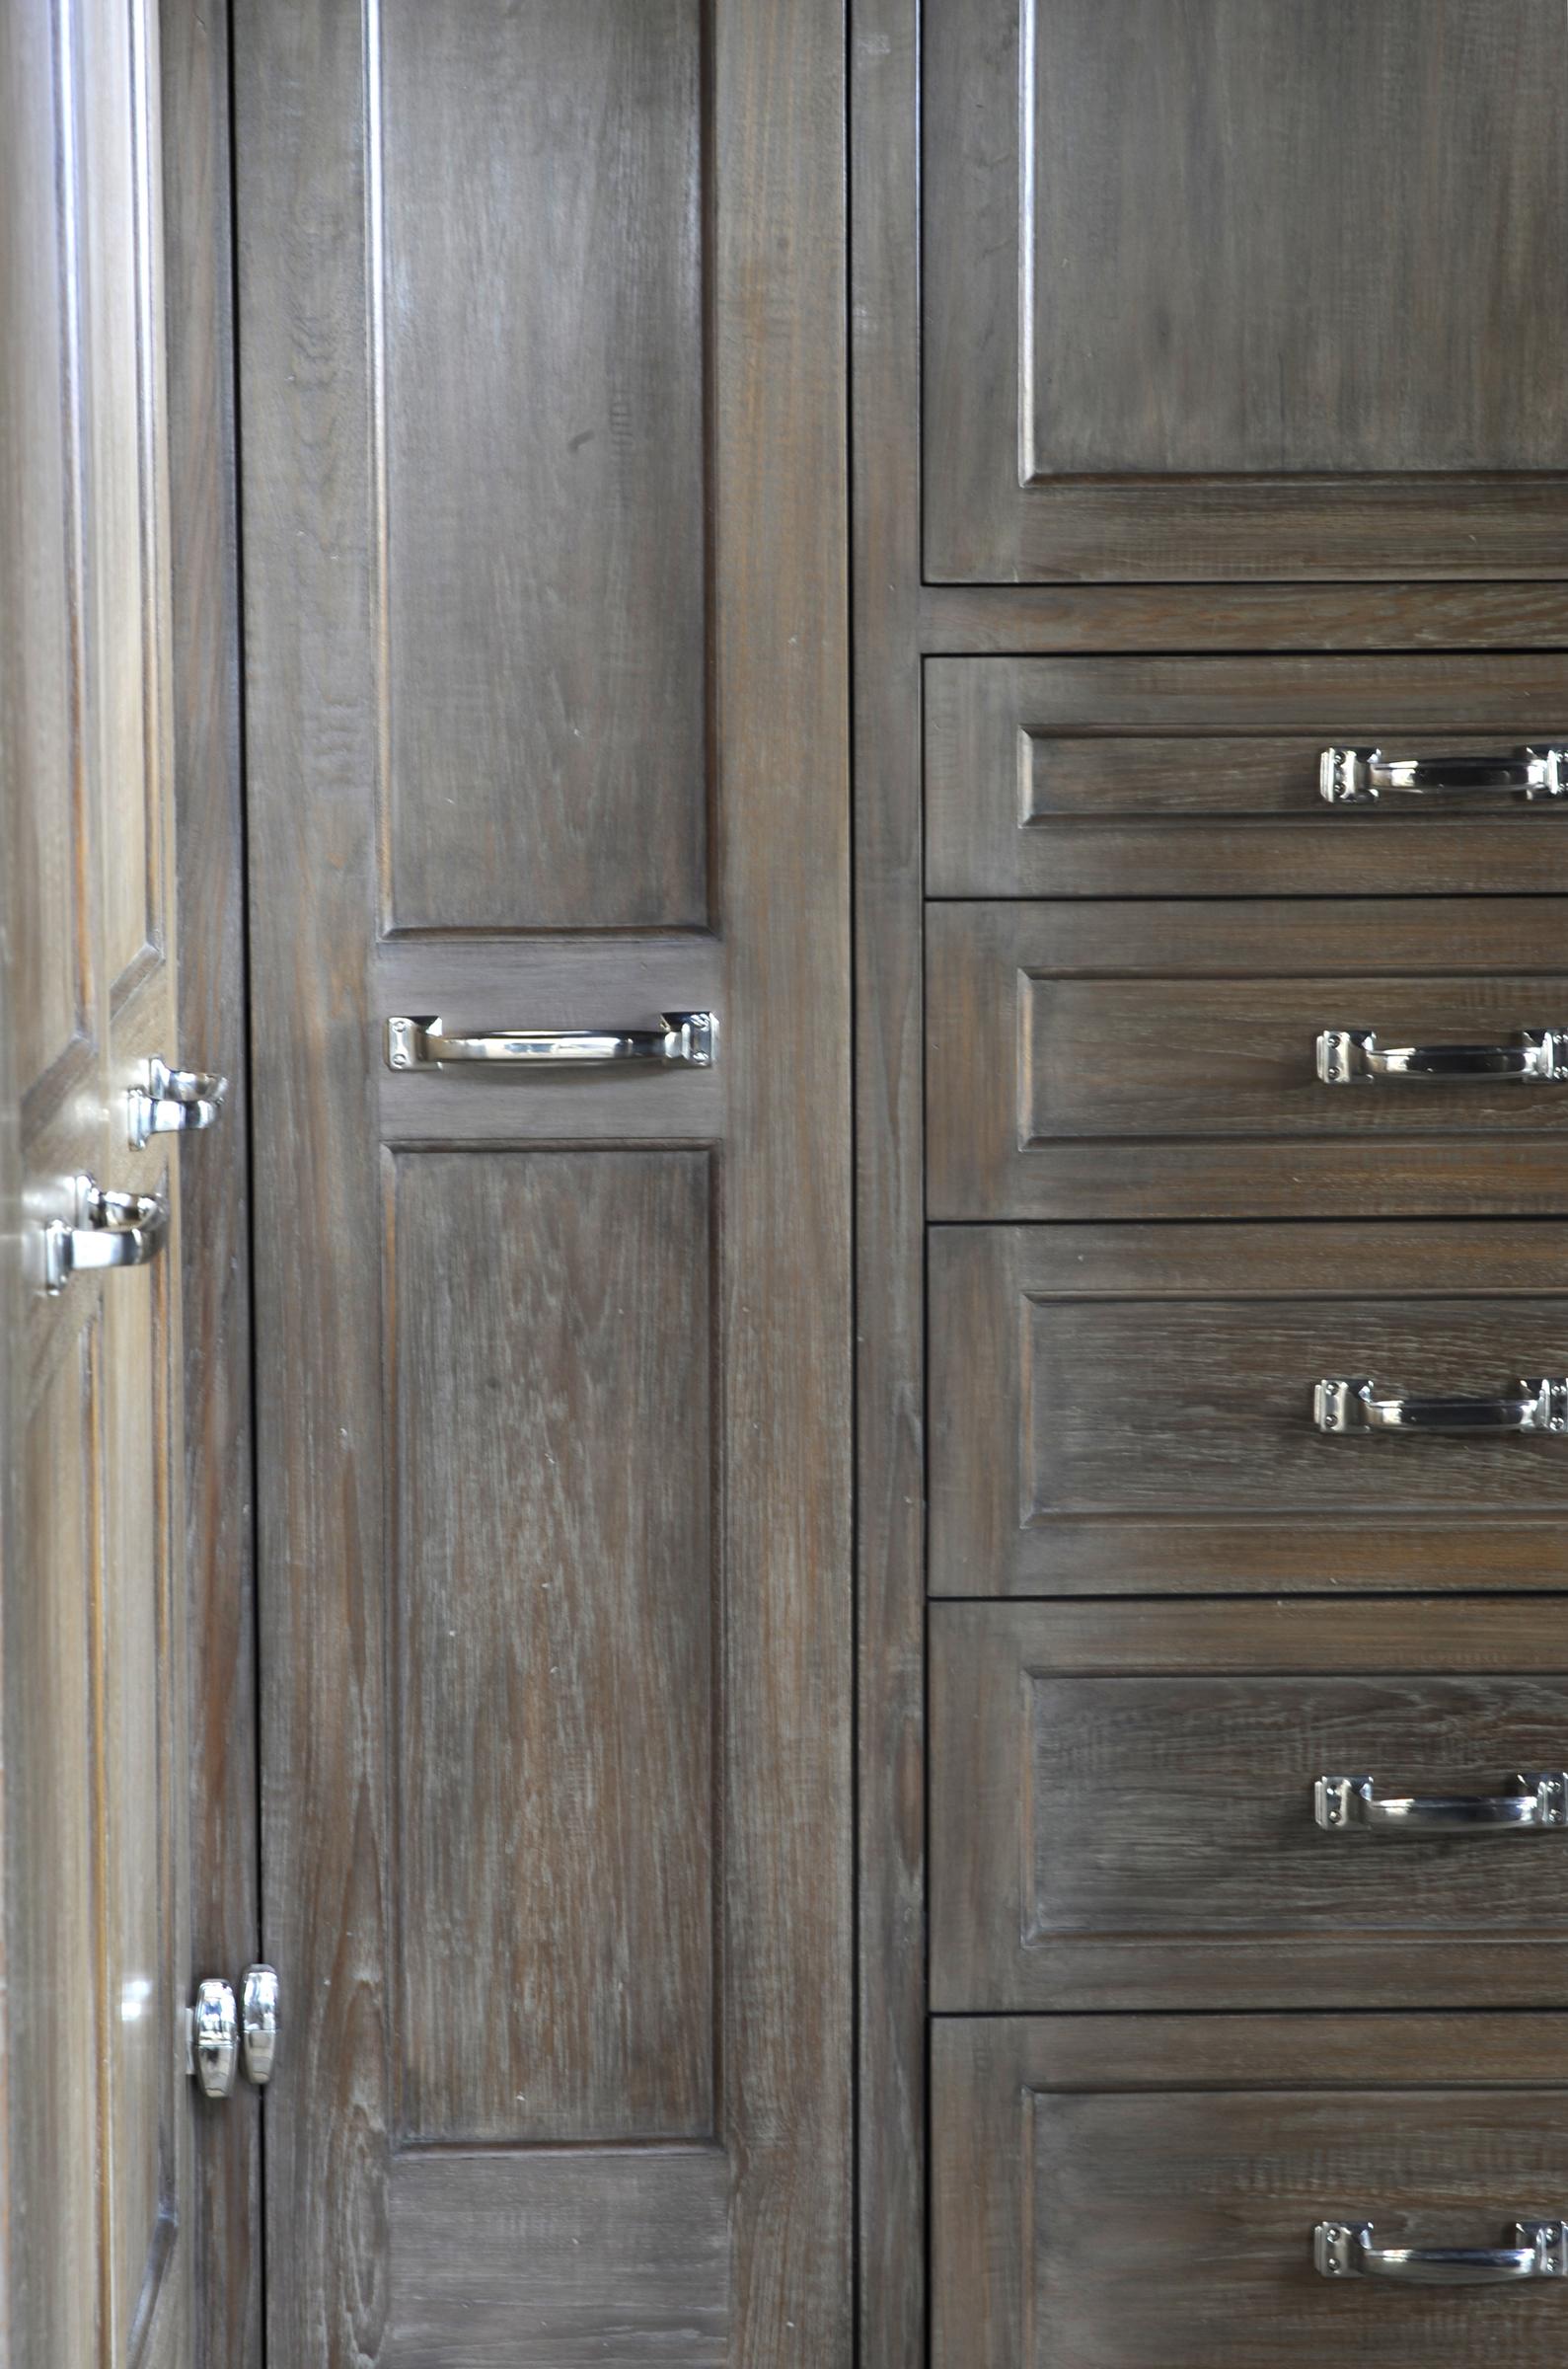 rick closet abstract7840.jpg